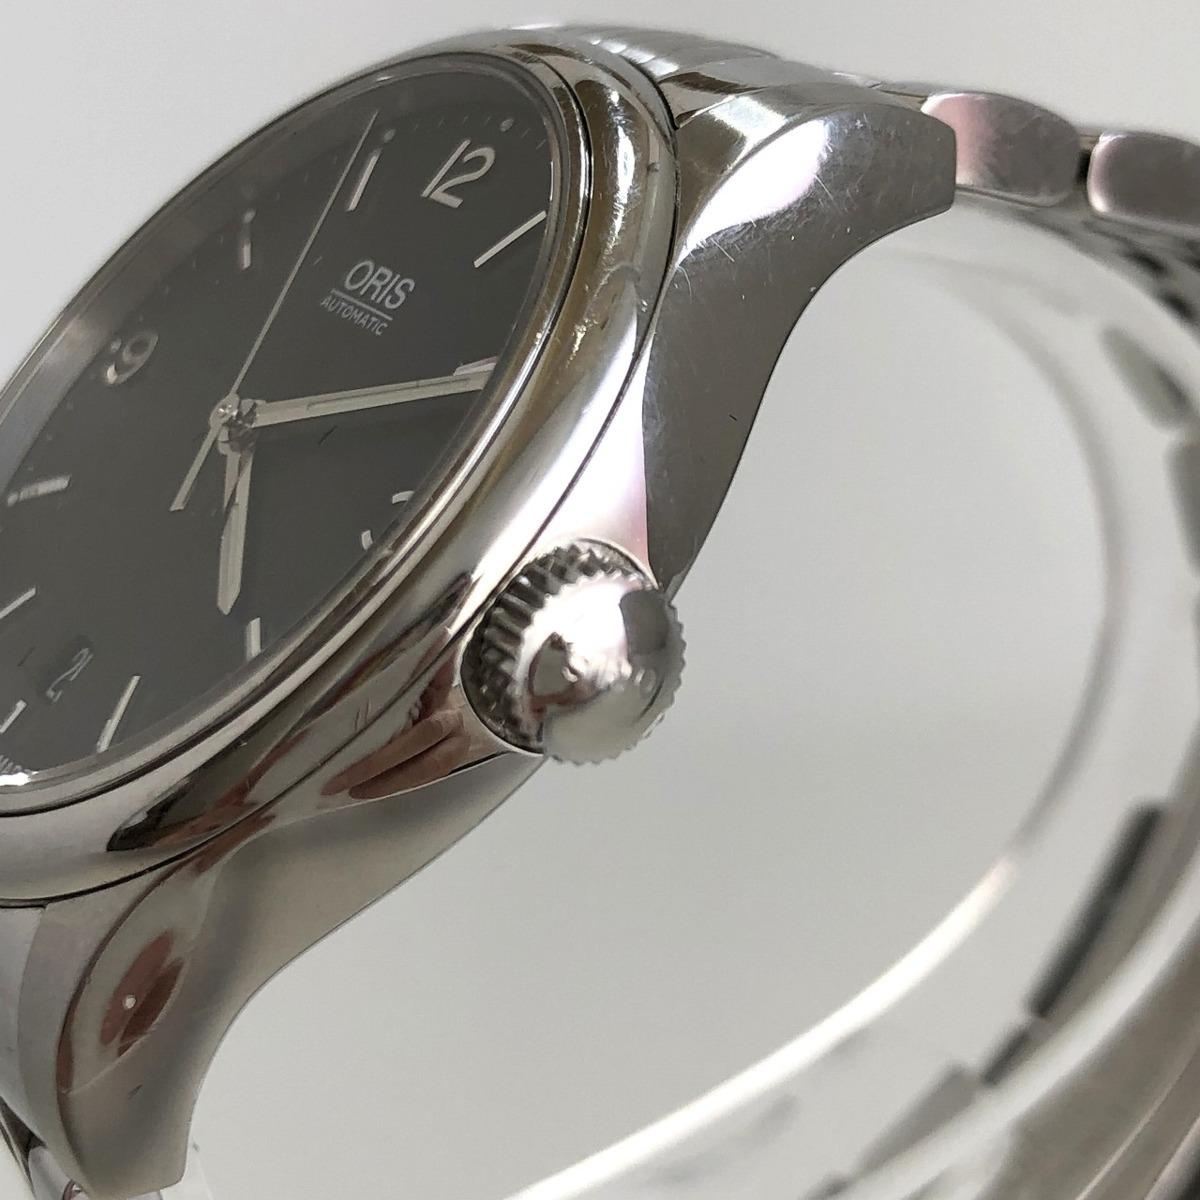 定価15.3万円 美品 ORIS オリス クラシックデイト 自動巻き 腕時計 733 7578 4034M 裏スケ 黒文字盤 メンズ 質屋の質セブン_画像6